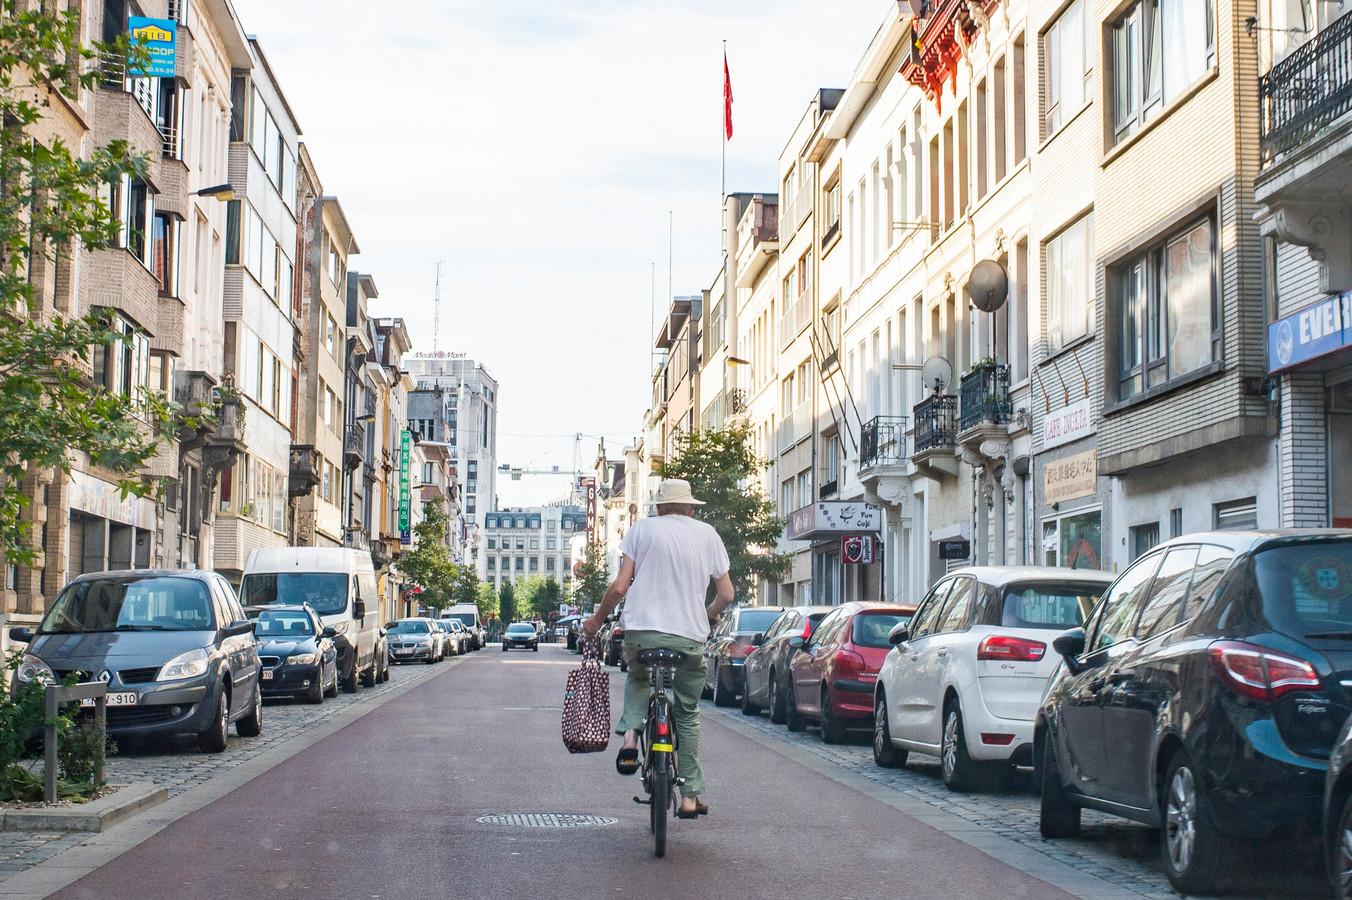 De rijweg in een fietsstraat is steeds volledig rood.